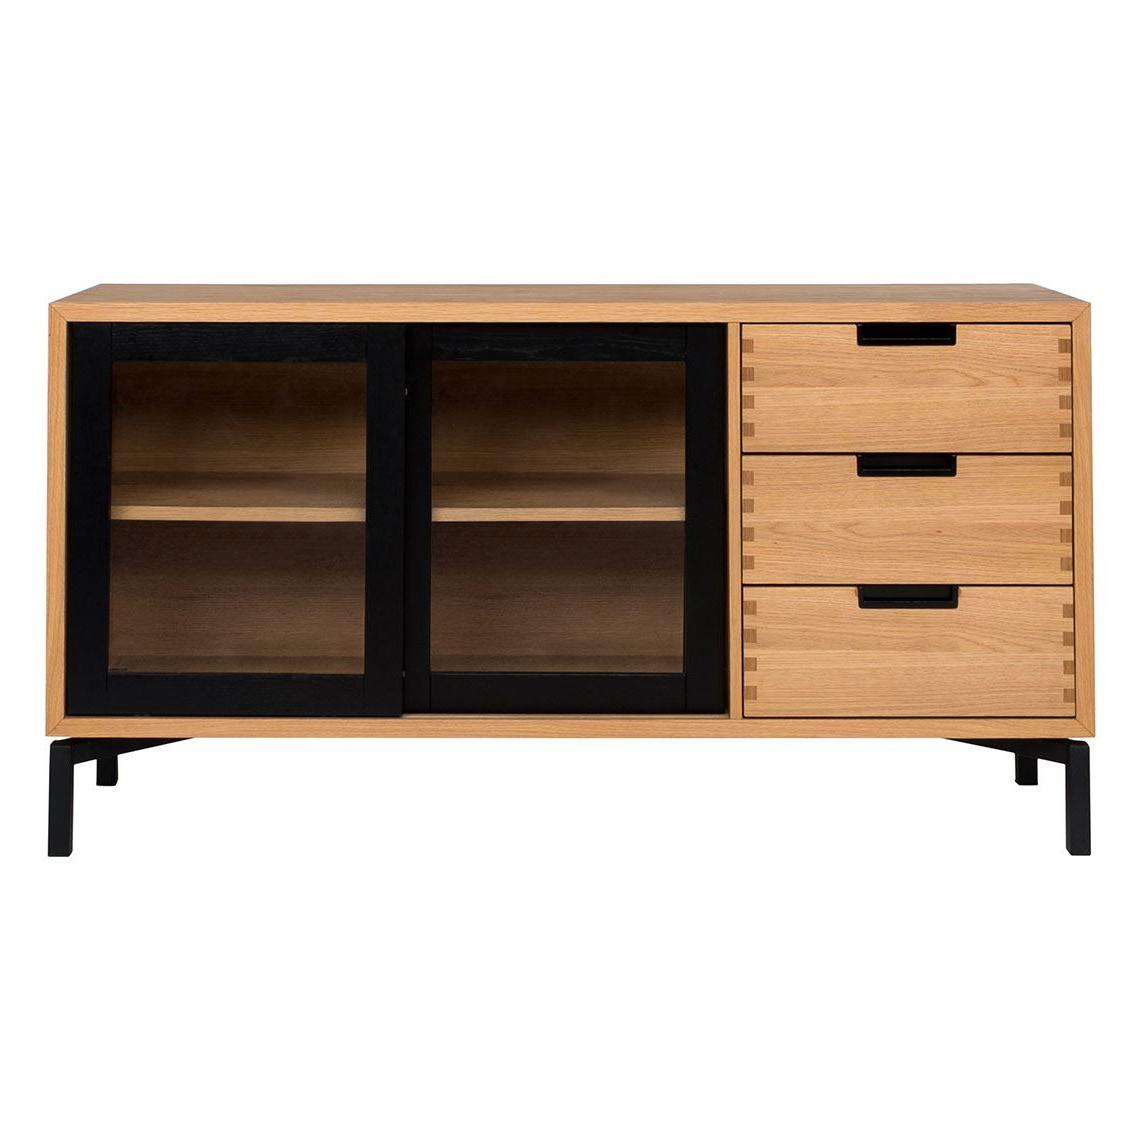 Atelier 2 Door 3 Drawer Buffet, Black & Oak With Regard To 2 Door 3 Drawer Buffets (View 18 of 20)